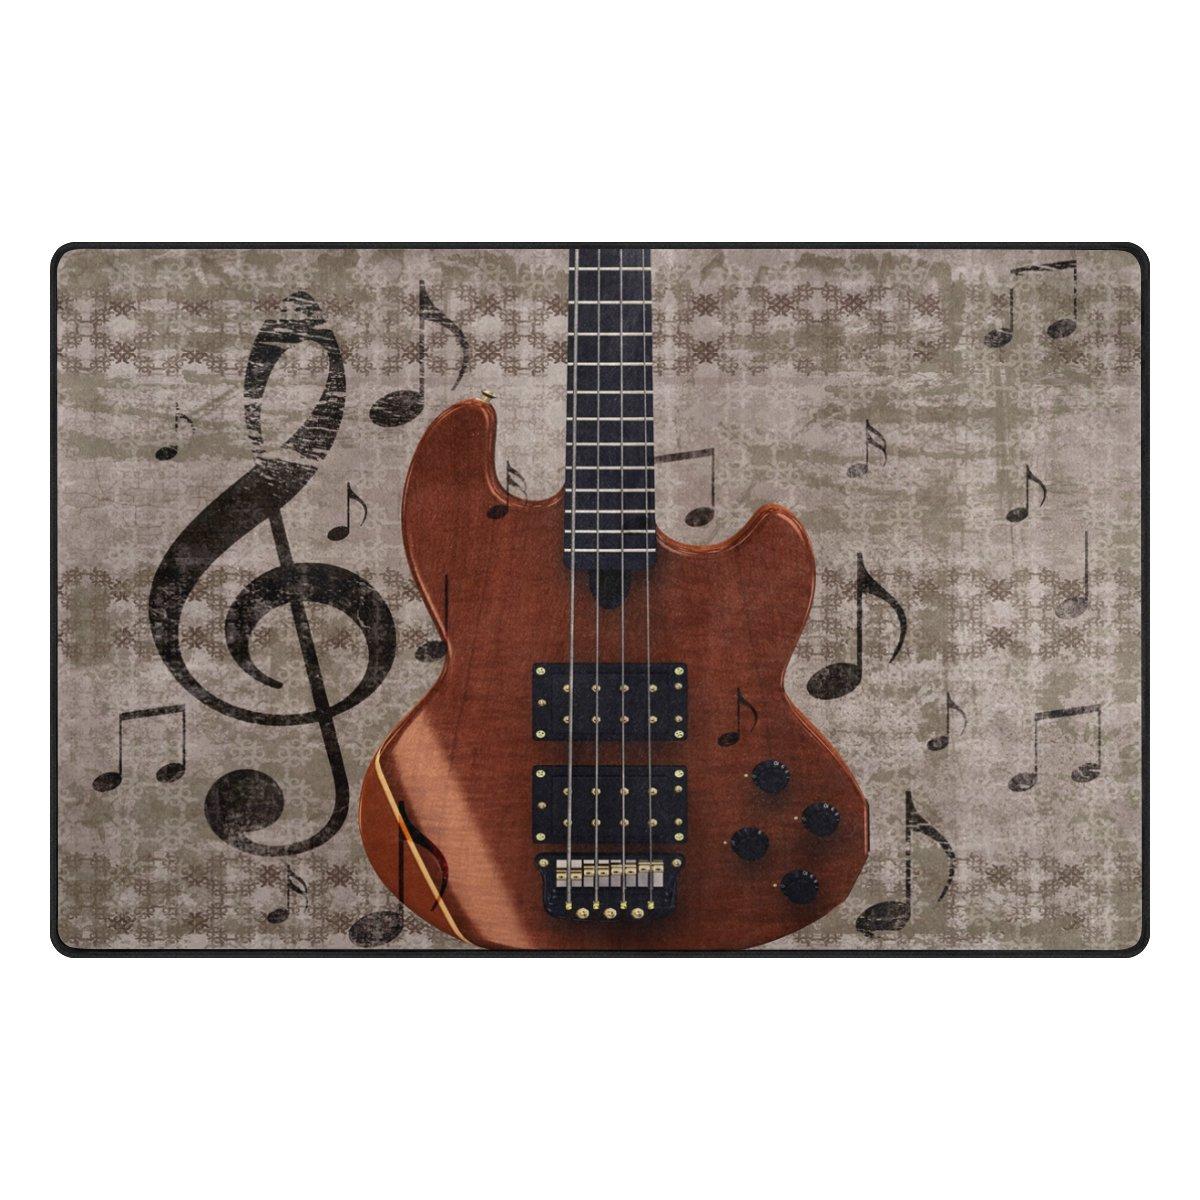 WOZO Vintage Music Guitar Area Rug Rugs Non-Slip Floor Mat Doormats Living Room Bedroom 60 x 39 inches